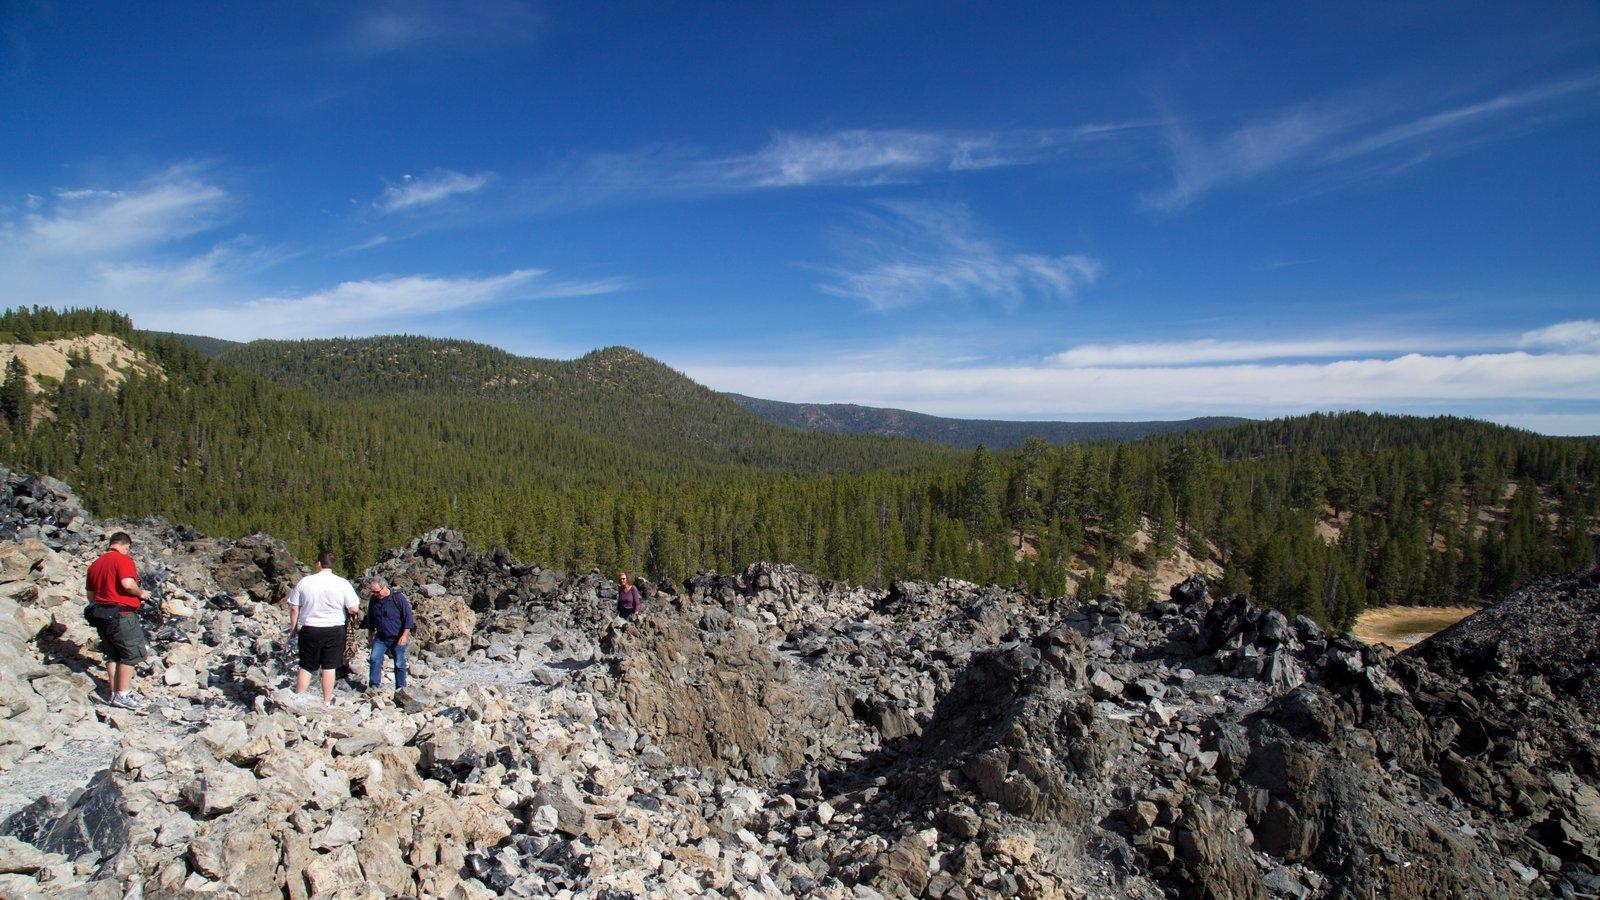 Newberry National Volcanic Monument mostrando vistas de paisajes y escenas tranquilas